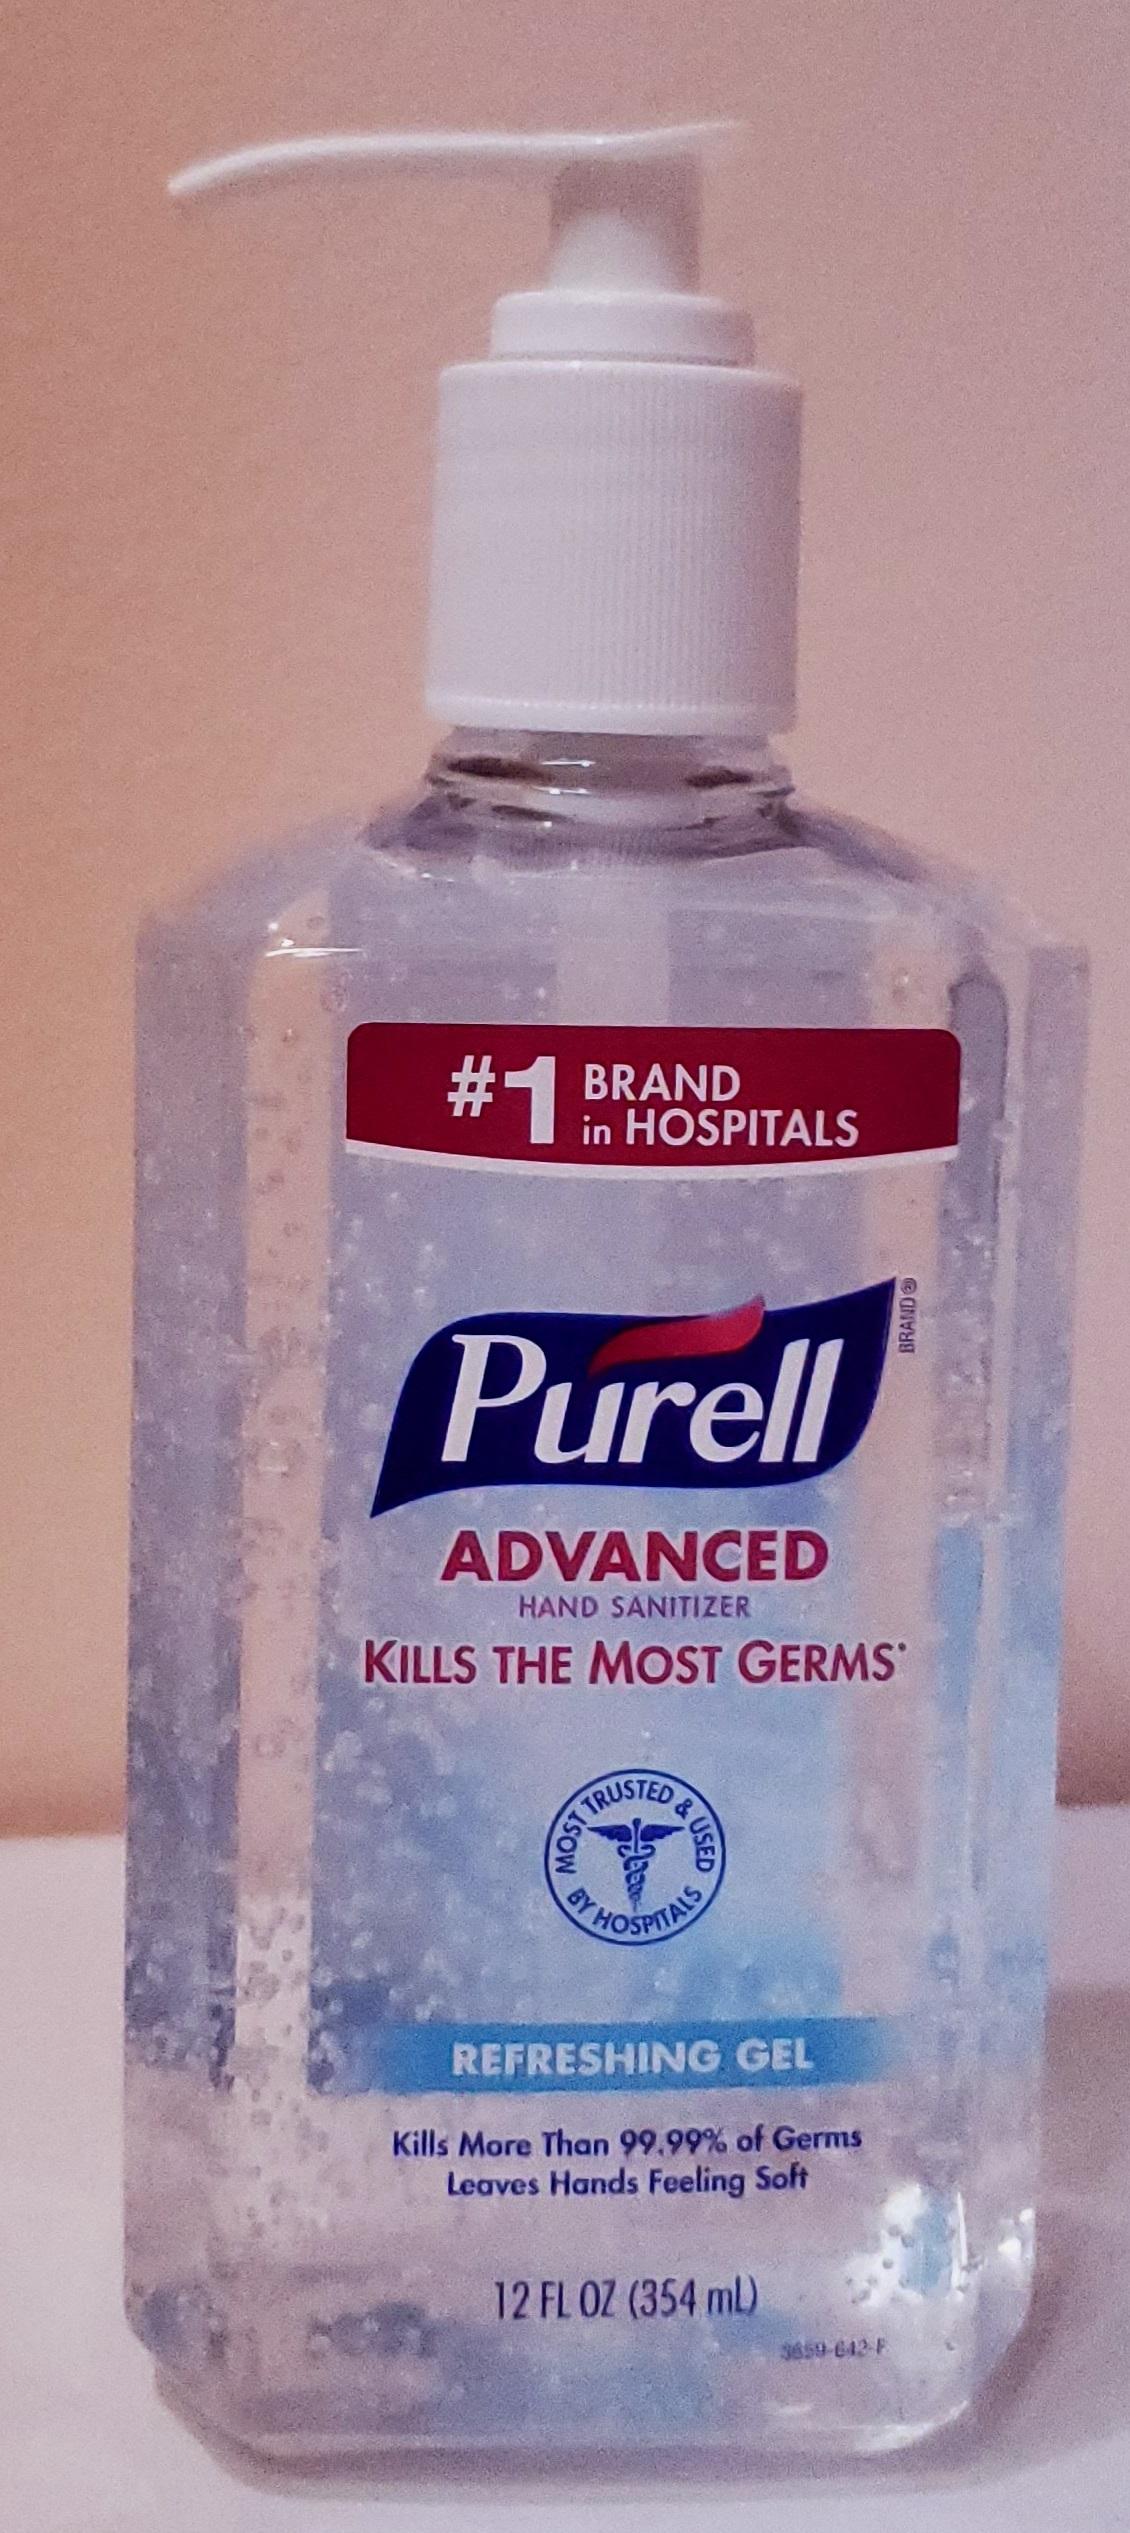 purell-hand-sanitezer2.jpg